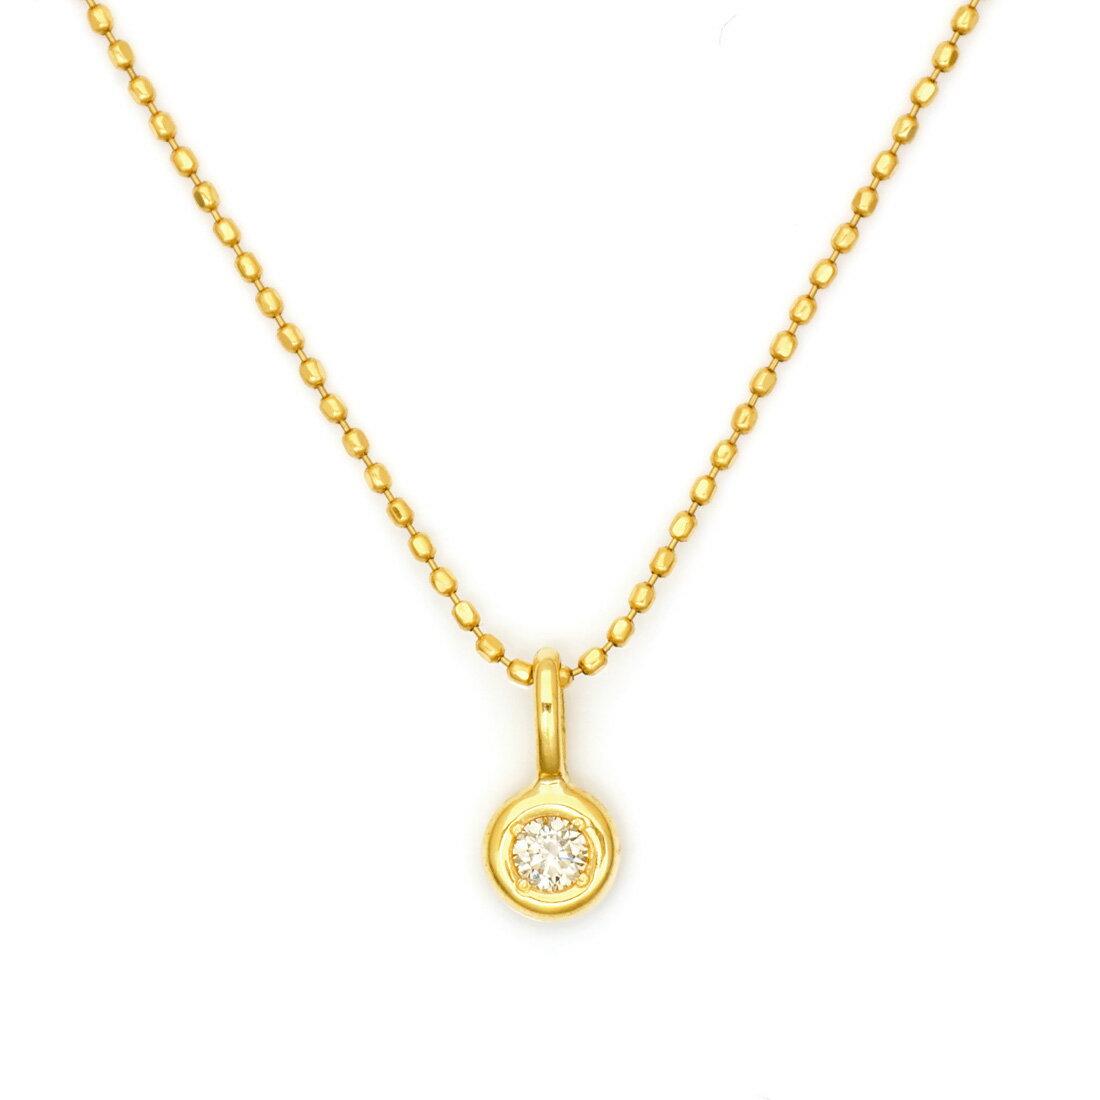 K18 ダイヤモンド 0.05ct ペンダントトップ 「piccolo」 ネックレス ダイアモンド 誕生日 4月誕生石 18K 18金 ゴールド 記念日 メッセージ ギフト 贈り物